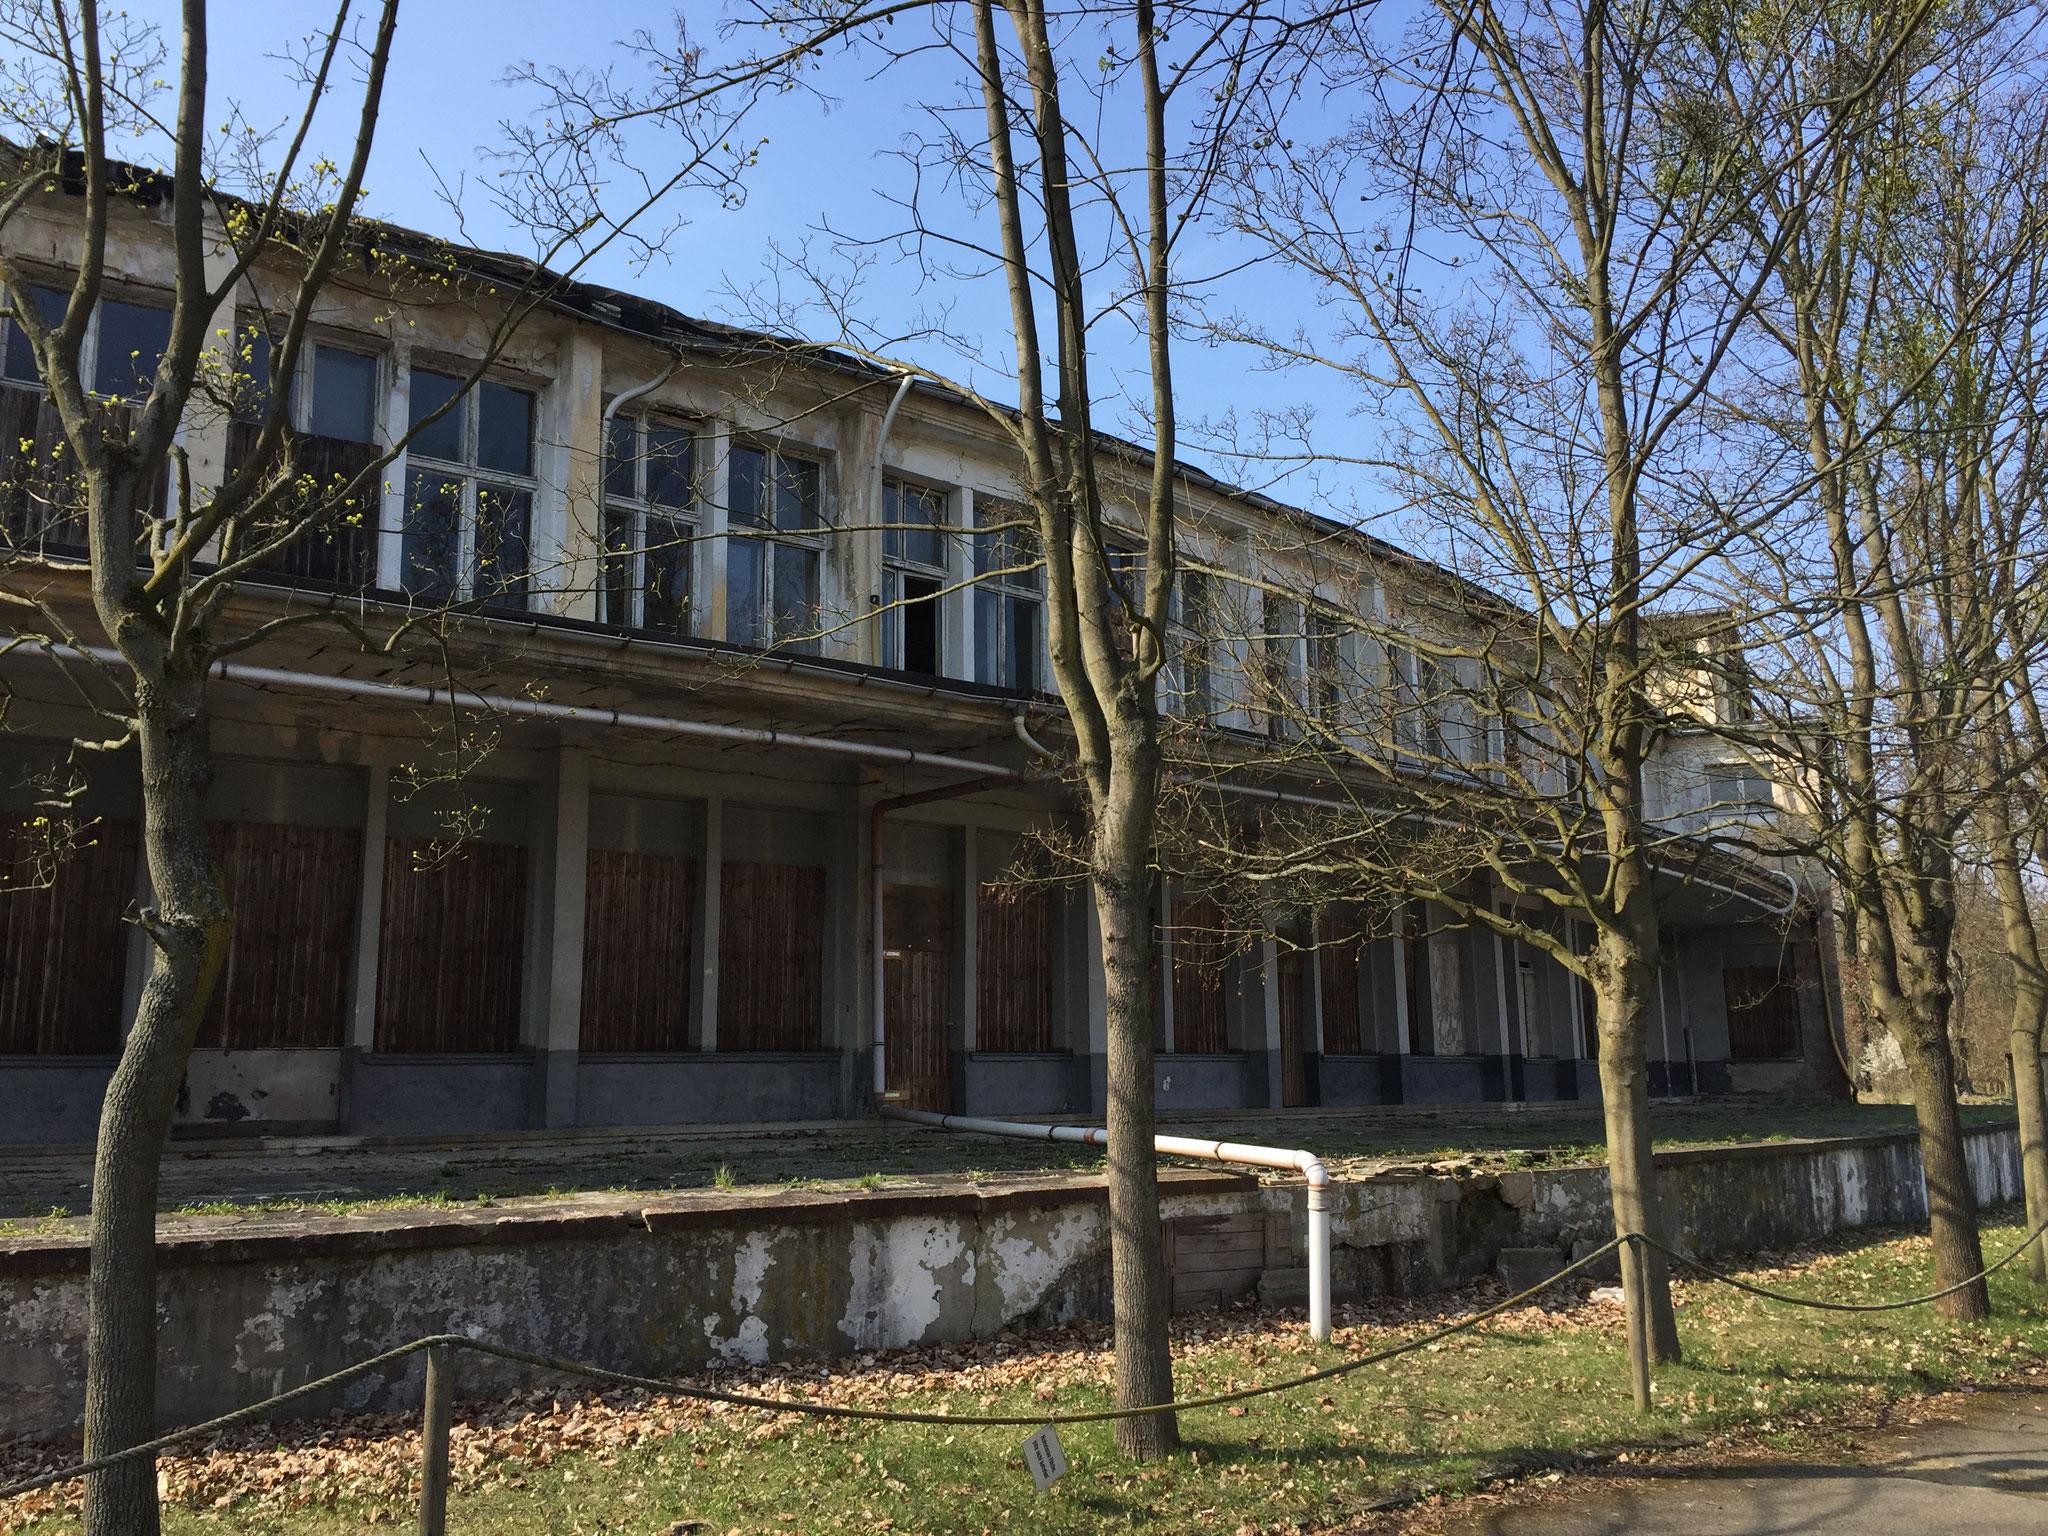 Speisehaus der Nationen (Olympisches Dorf, BERLIN 1936) Wo früher die Olympia-Athleten speisten, entsteht bis 2019 kernsanierter Wohnraum!